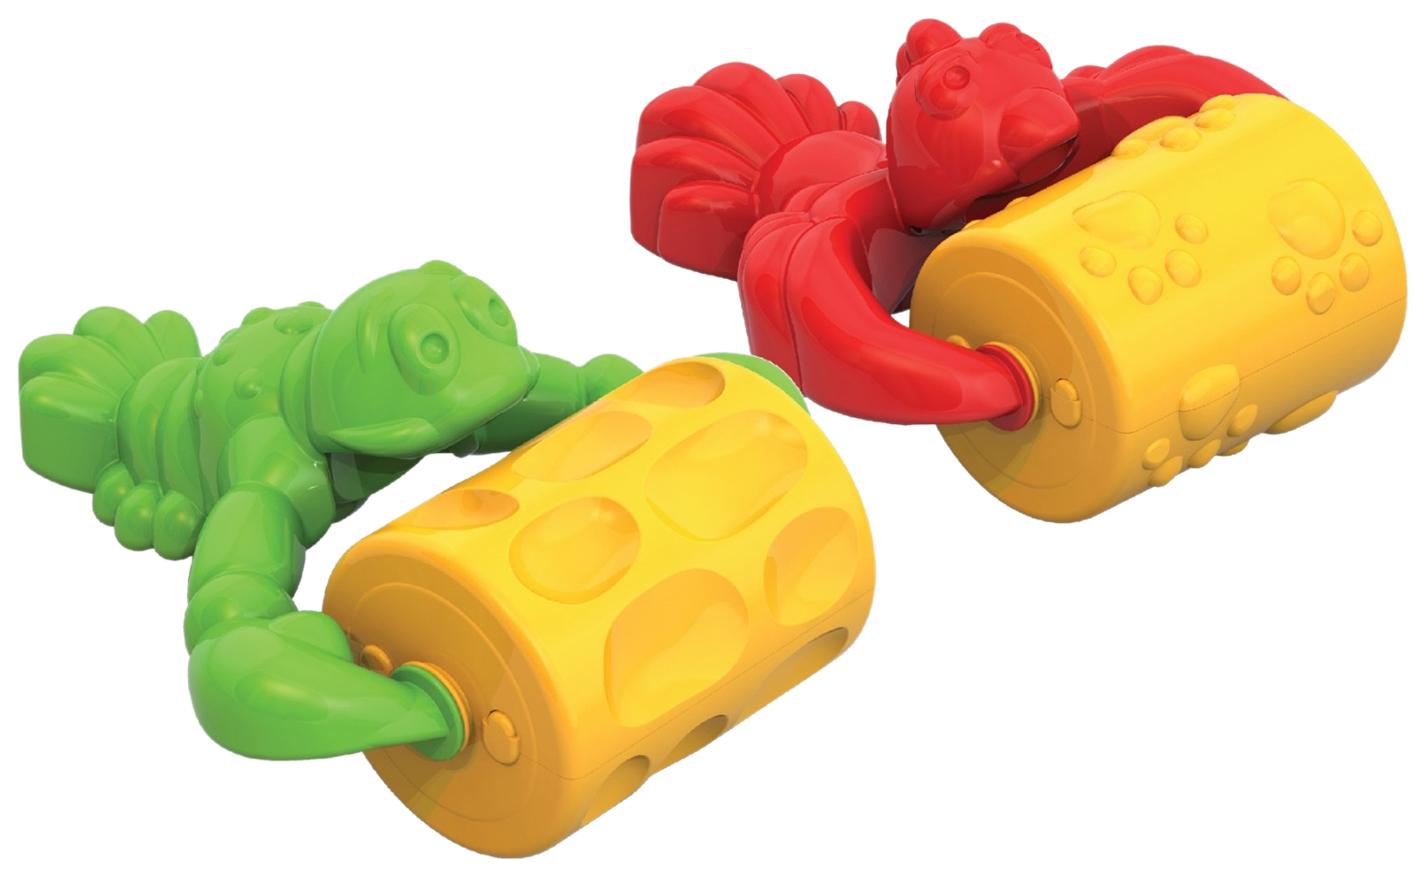 Купить Валики для игр с песком Нордпласт 431696, НОРДПЛАСТ, Песочные наборы